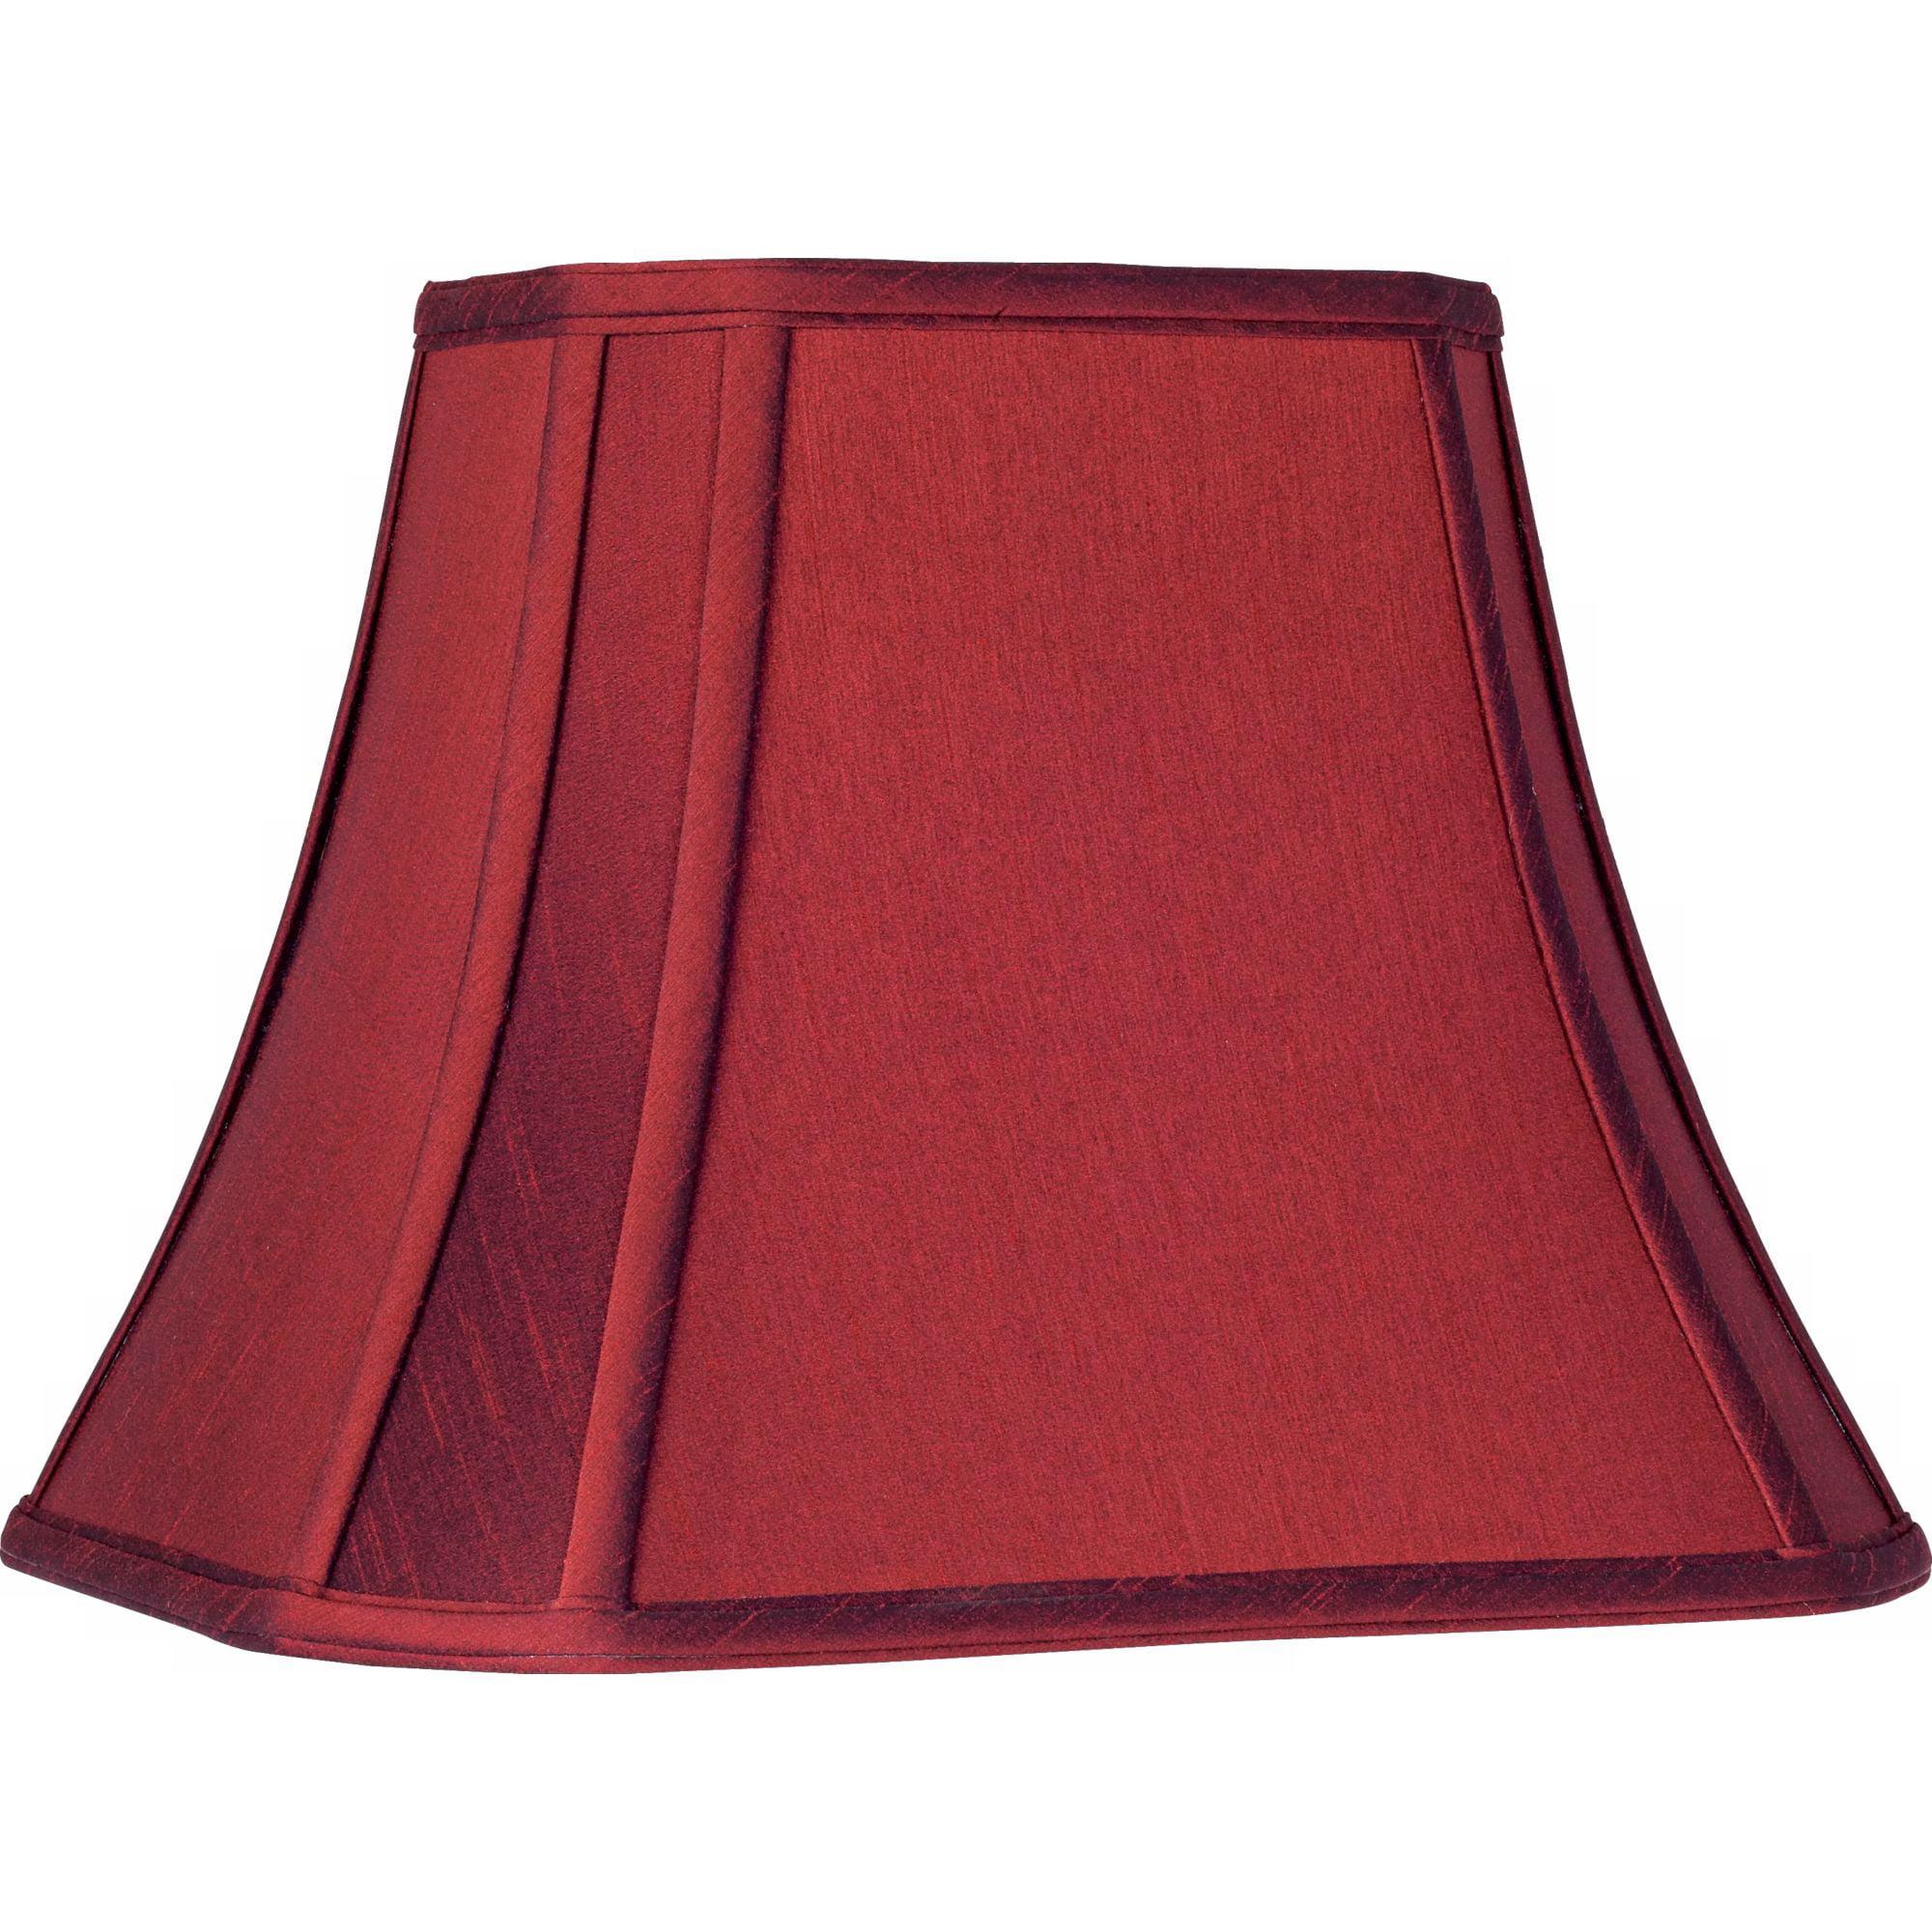 Springcrest Crimson Red Cut-Corner Lamp Shade 6/8x11/14x11 (Spider)